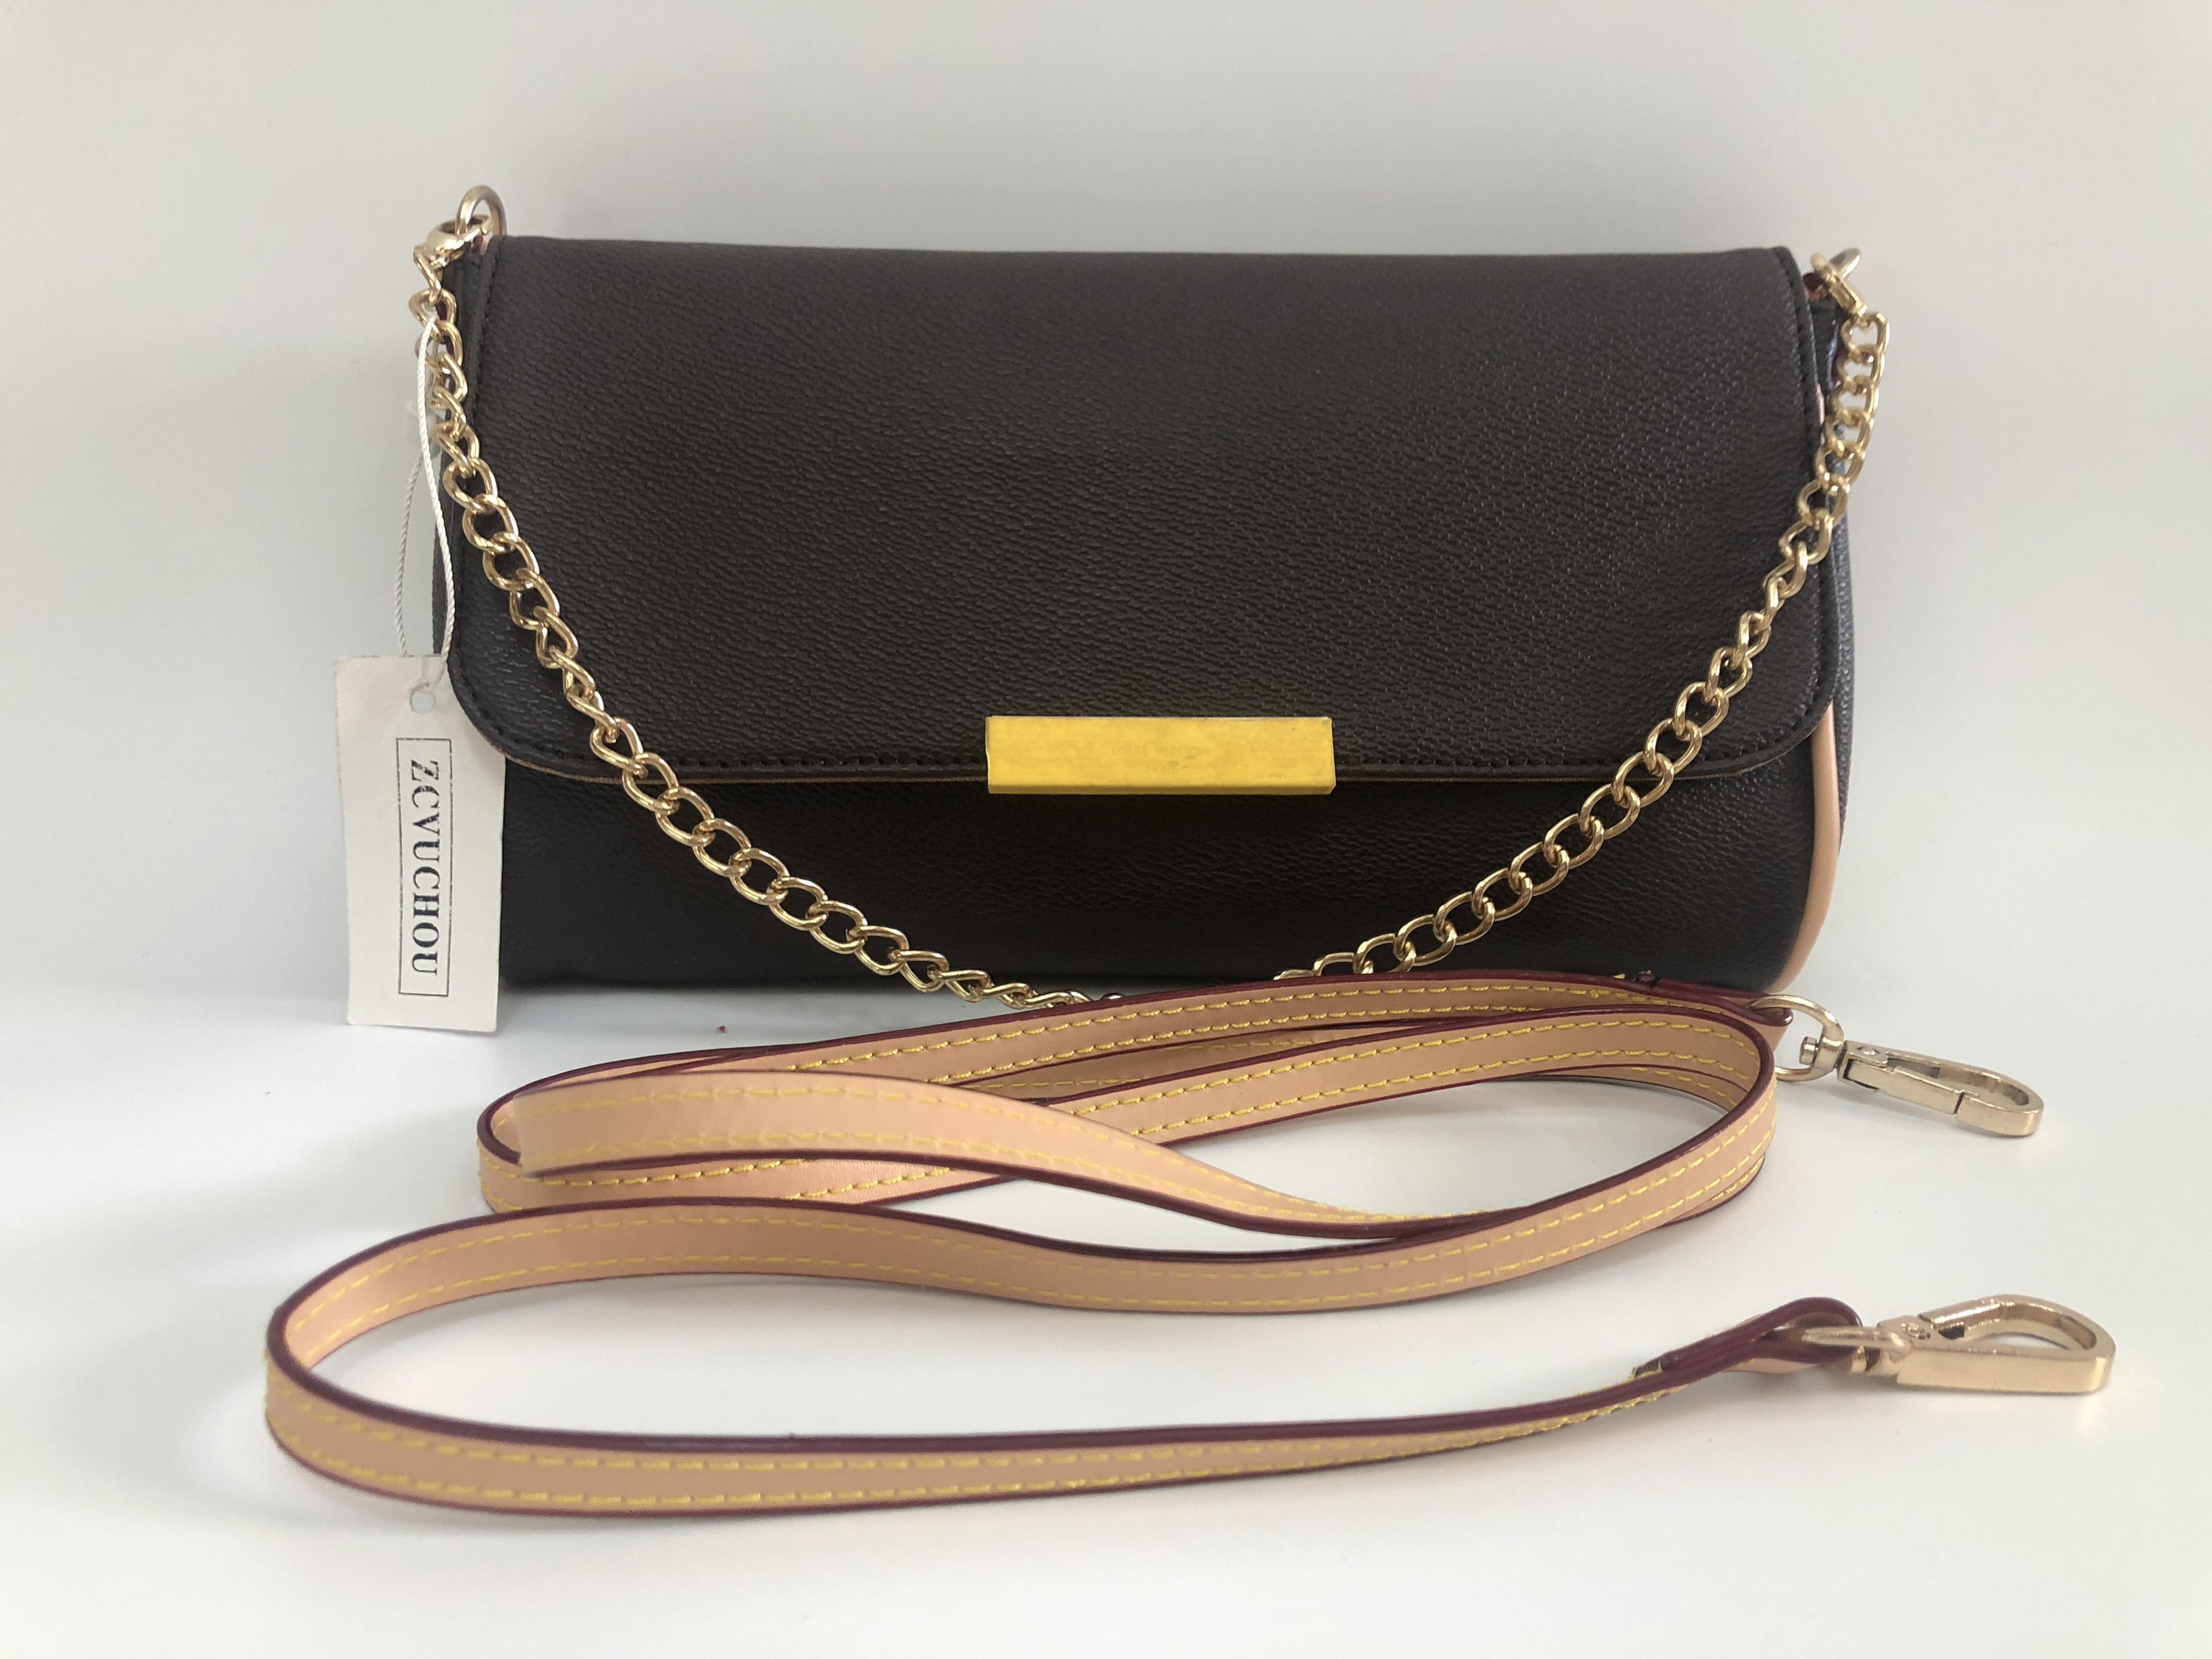 최고 품질 핸드백 지갑 핸드백 여성 핸드백 가방 크로스 바디 Soho Bag 디스코 어깨 가방 Fringed 메신저 가방 지갑 24cm